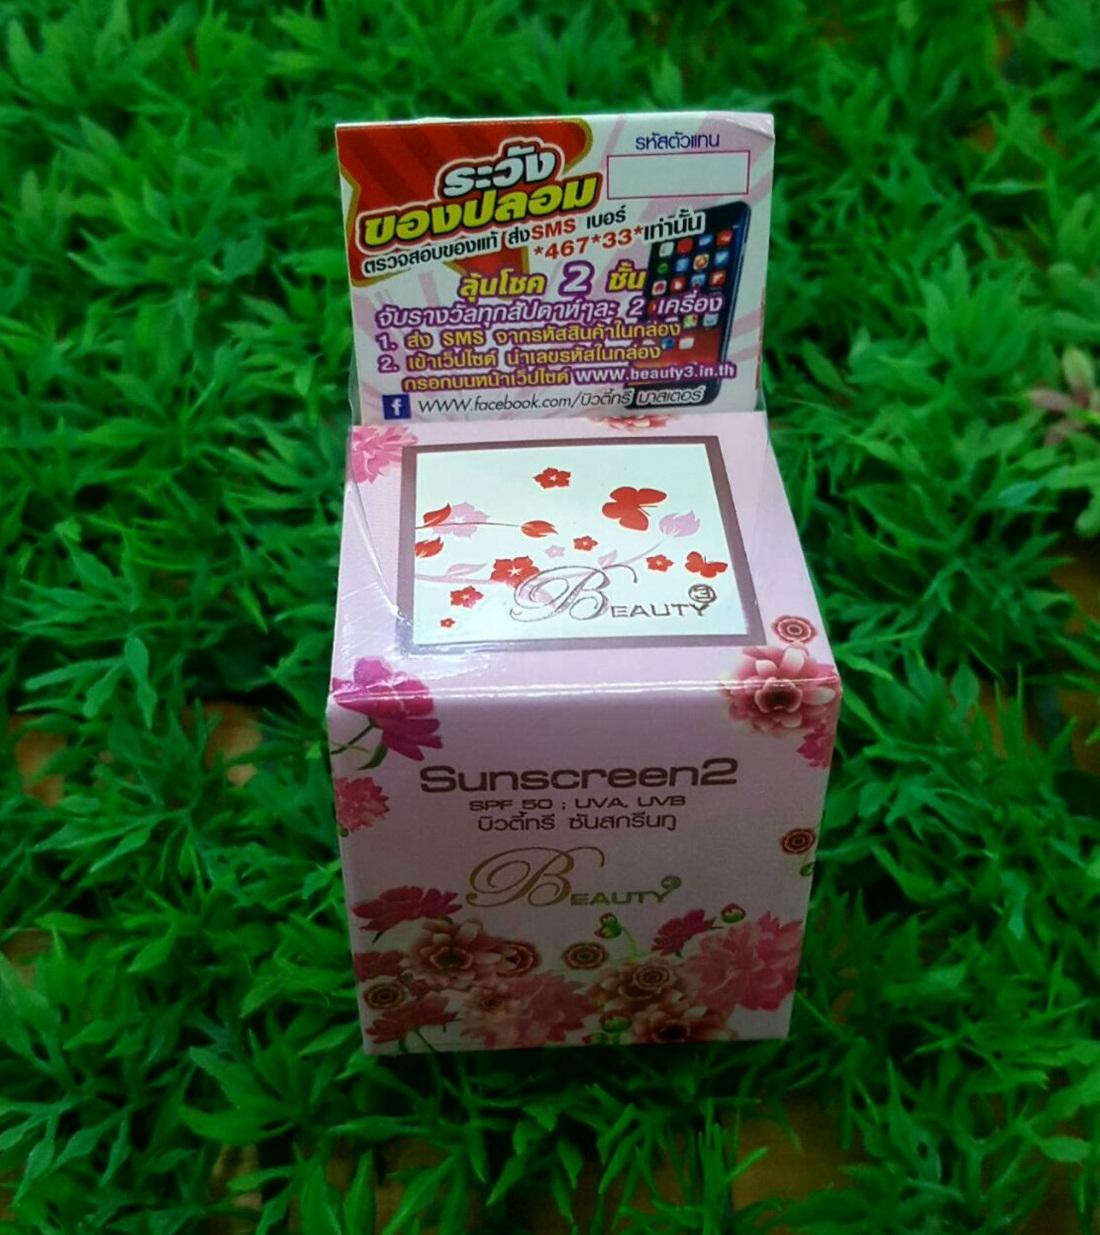 Beauty3 Sunscreen บิวตี้ทรี ครีมกันแดด